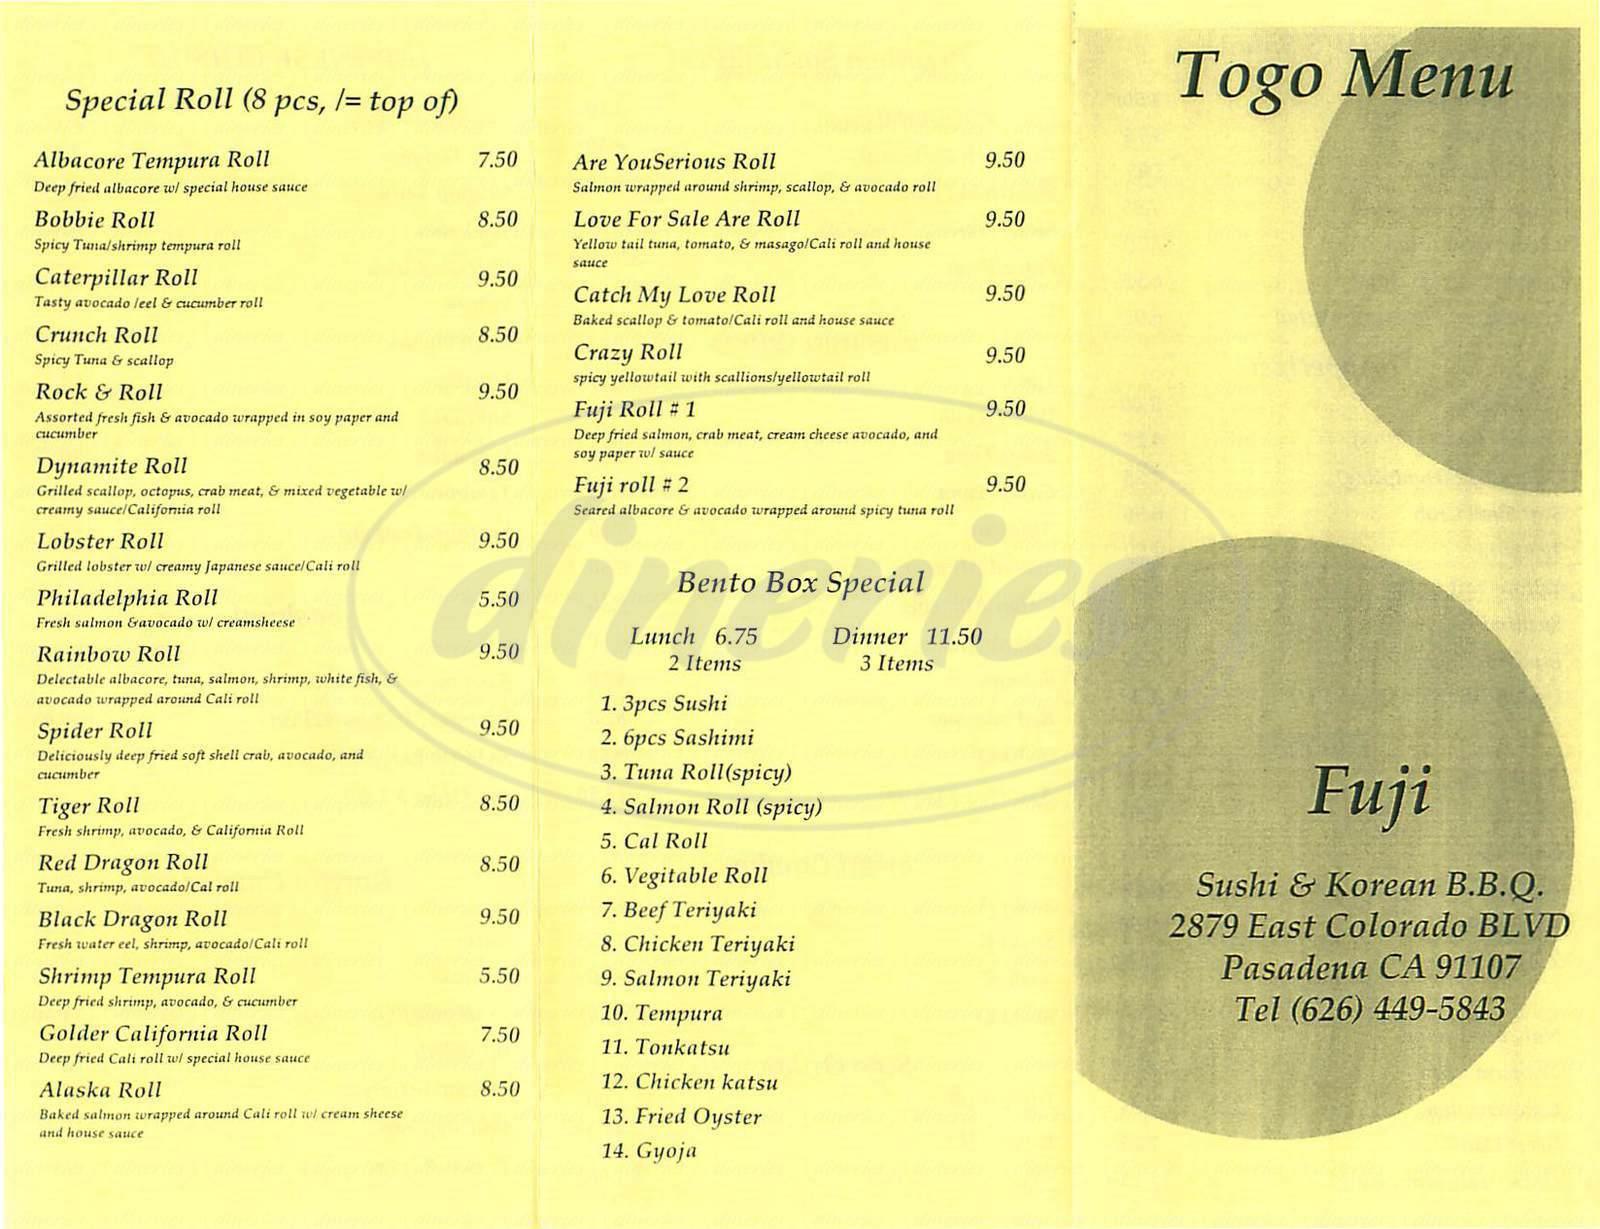 menu for Fuji Japanese Restaurant